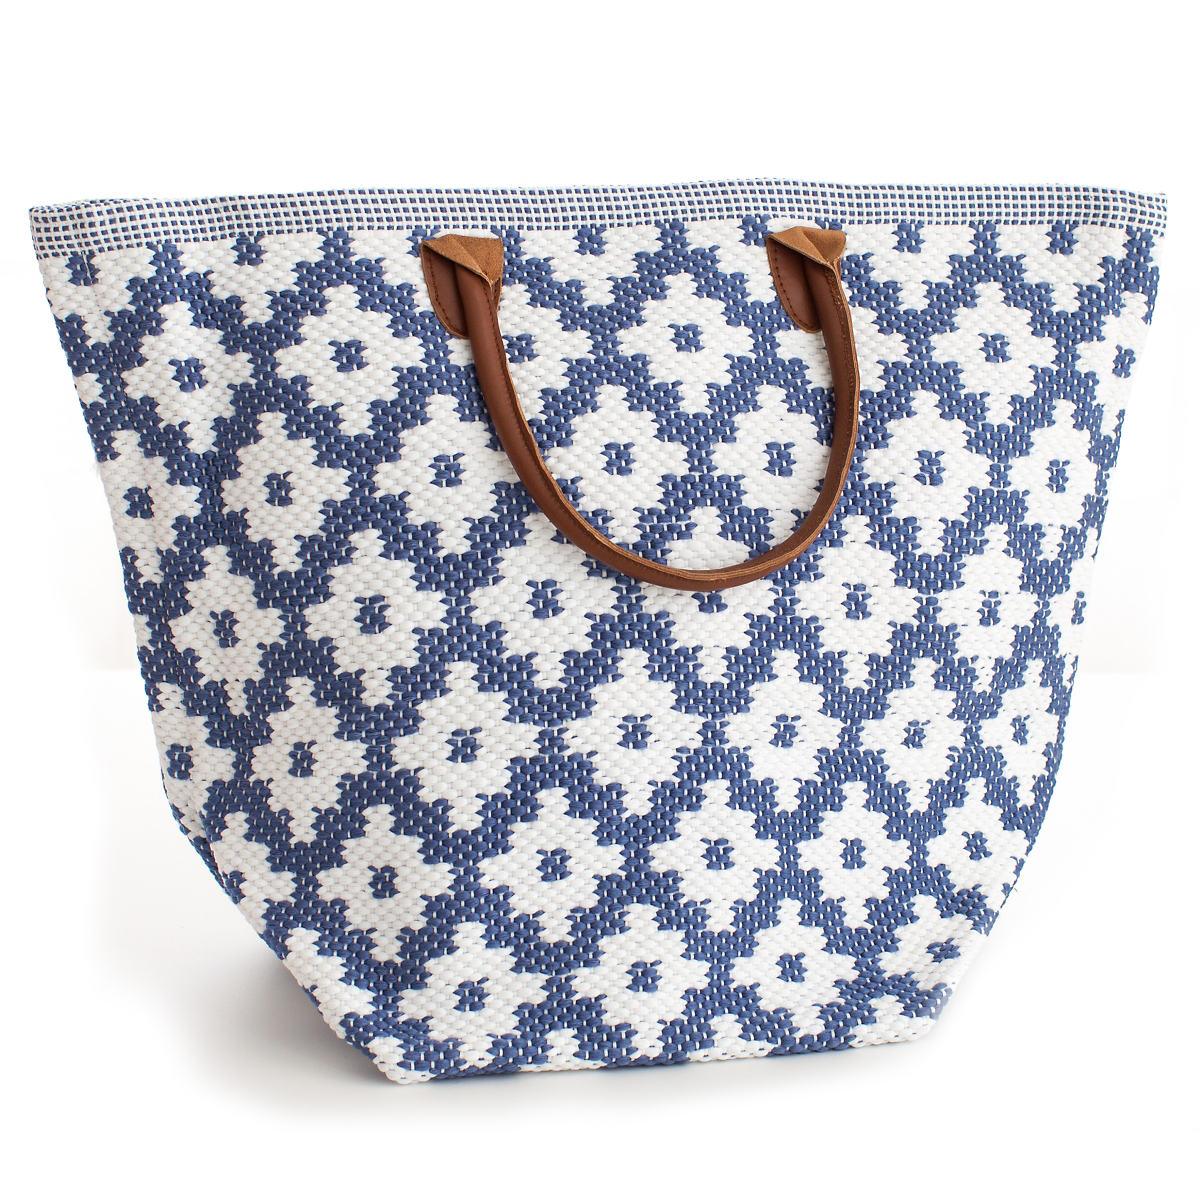 Fresh American Le Tote Denim/White Tote Bag Grand